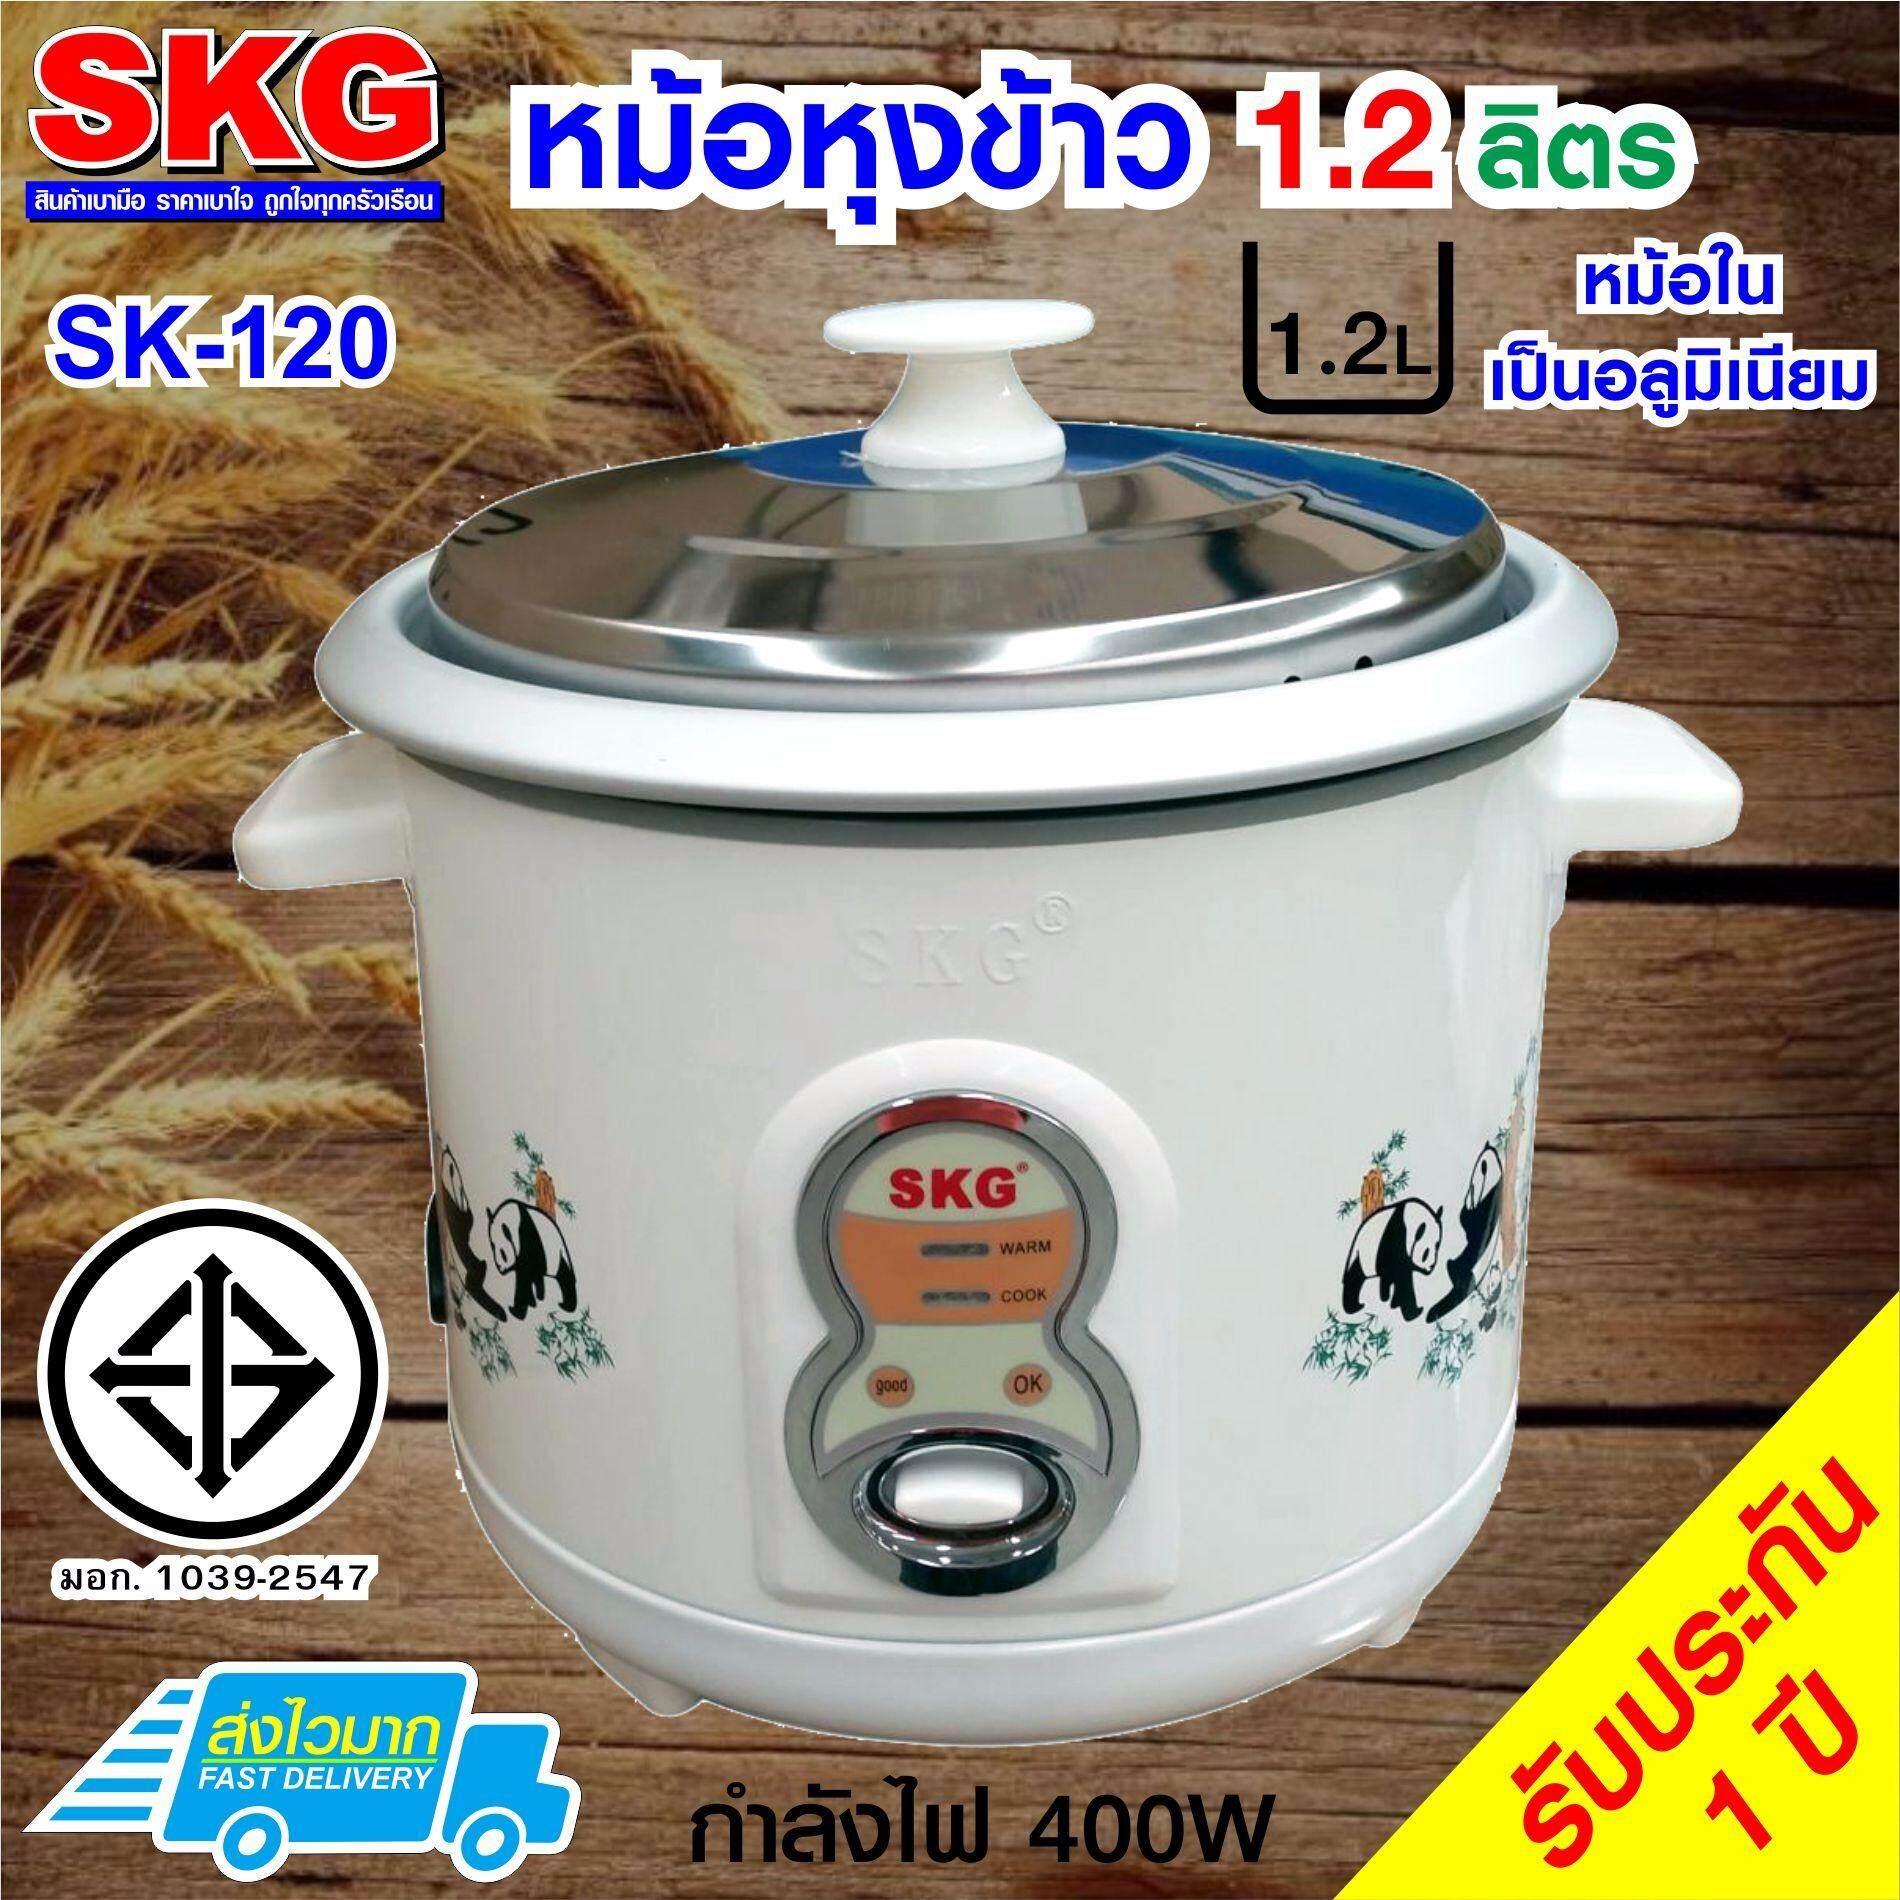 ราคา Skg หม้อหุงข้าว 1 2 ลิตร รุ่น Sk 120 ลายแพนด้า เป็นต้นฉบับ